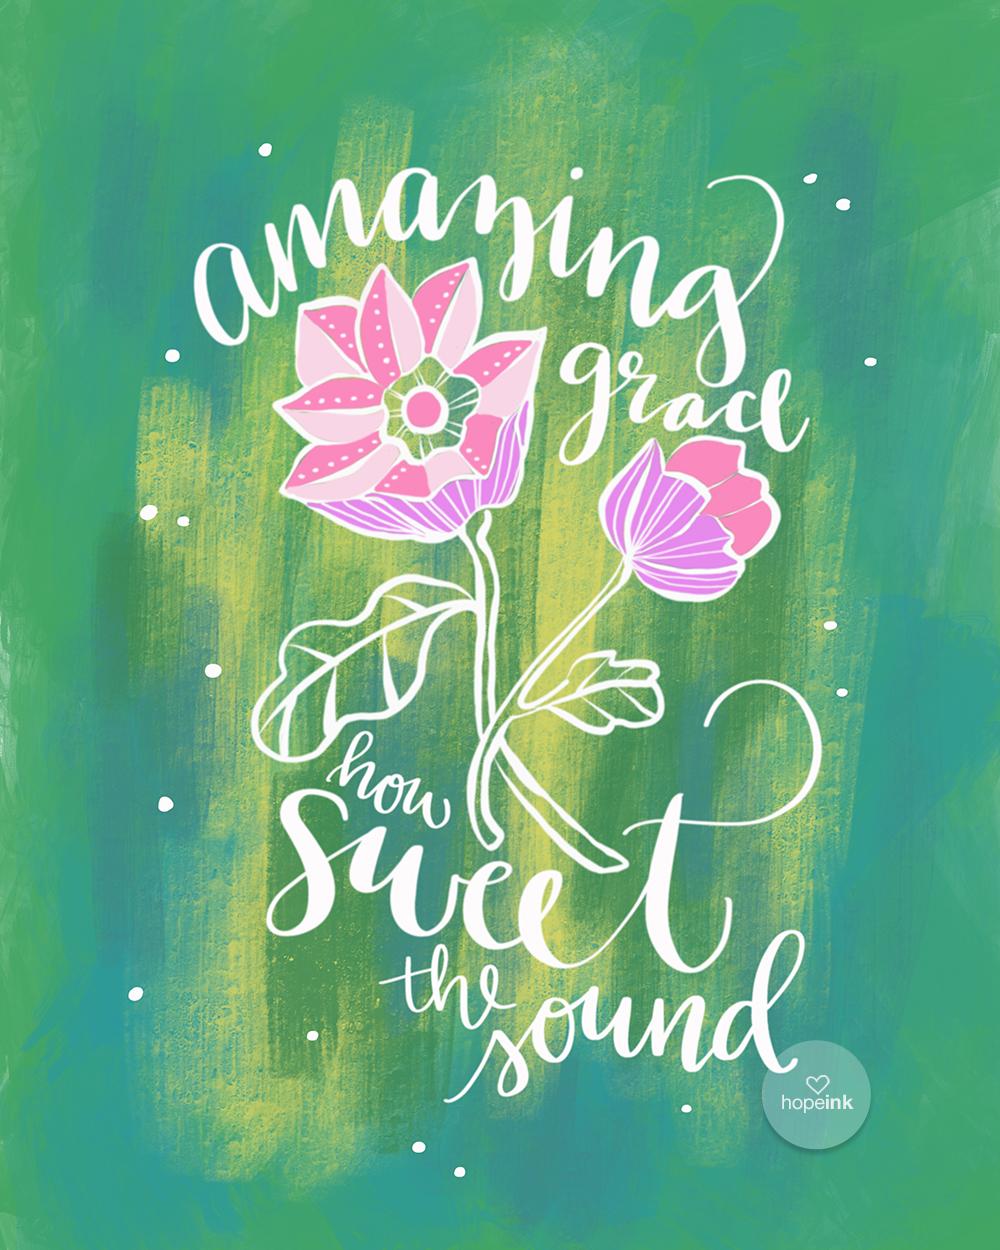 Amazing Grace Hand Lettered Art | Hope Ink.jpg